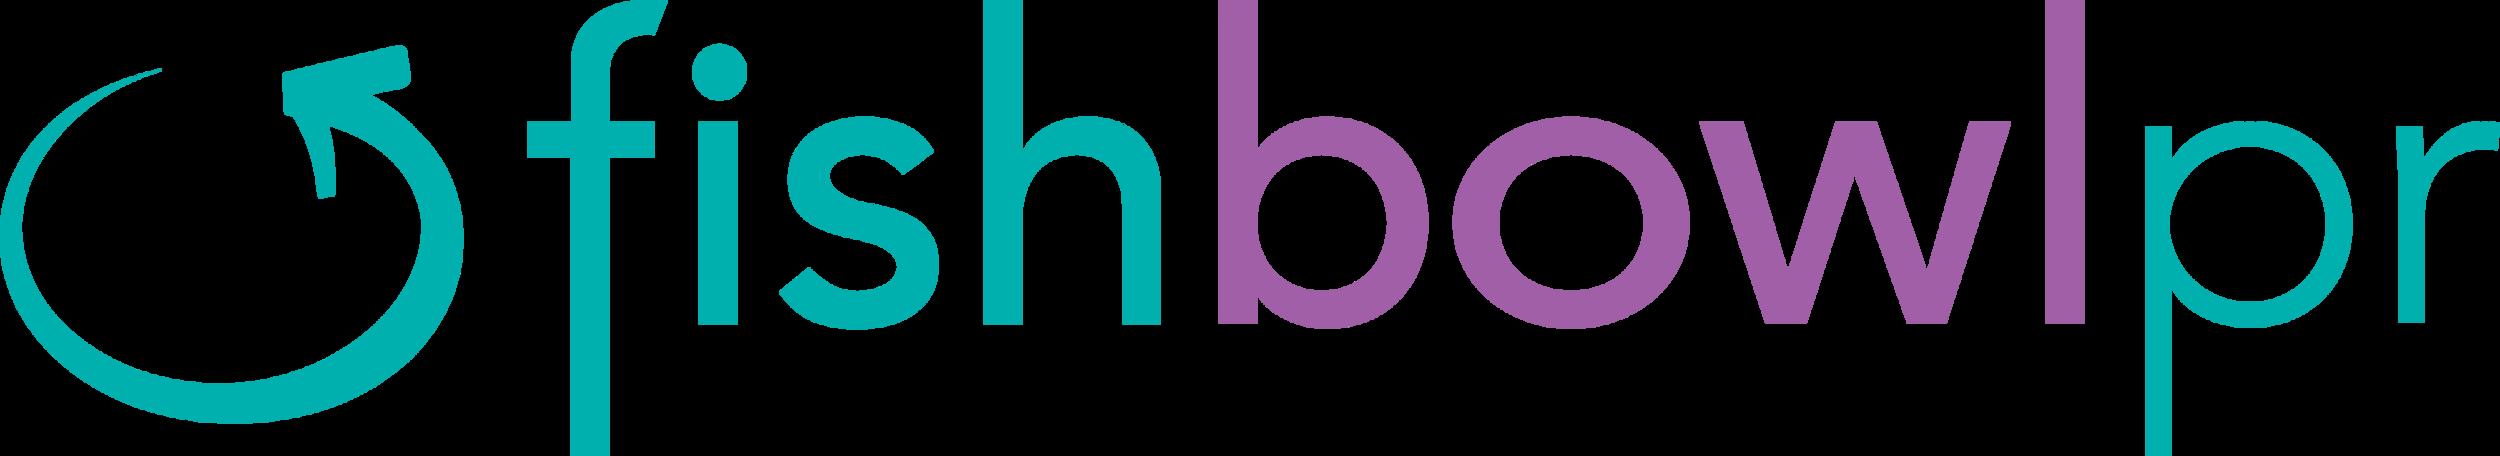 FishbowlPR_Master-Logo.png